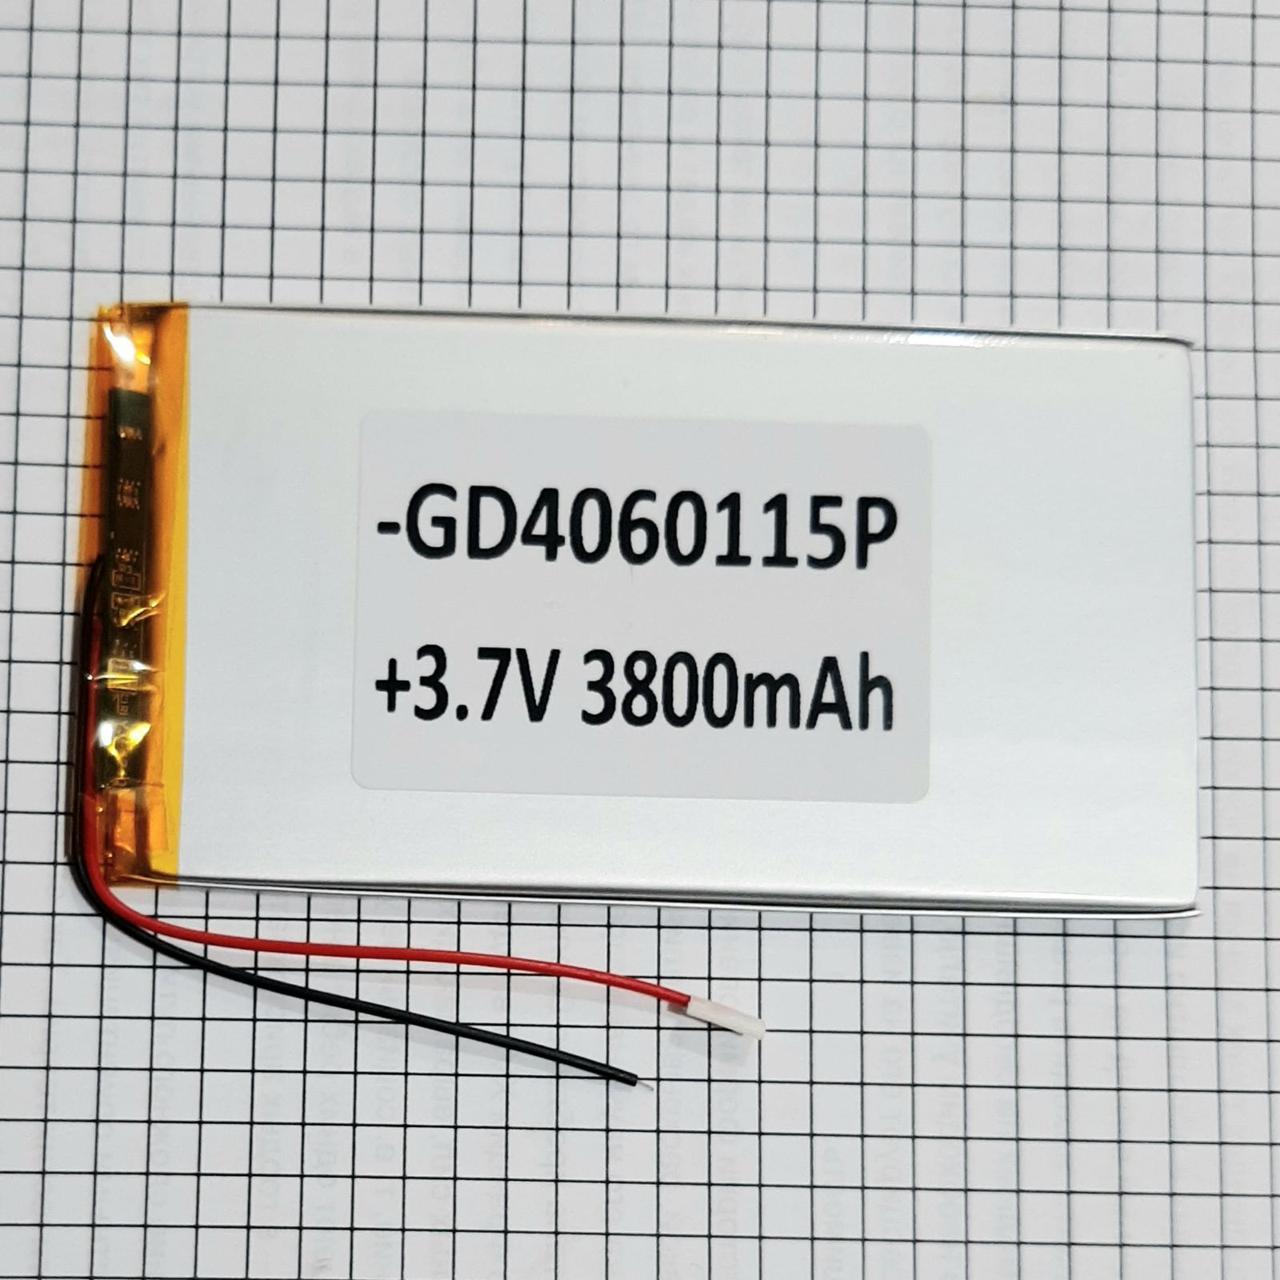 Аккумулятор для планшета 0460115 3800mah